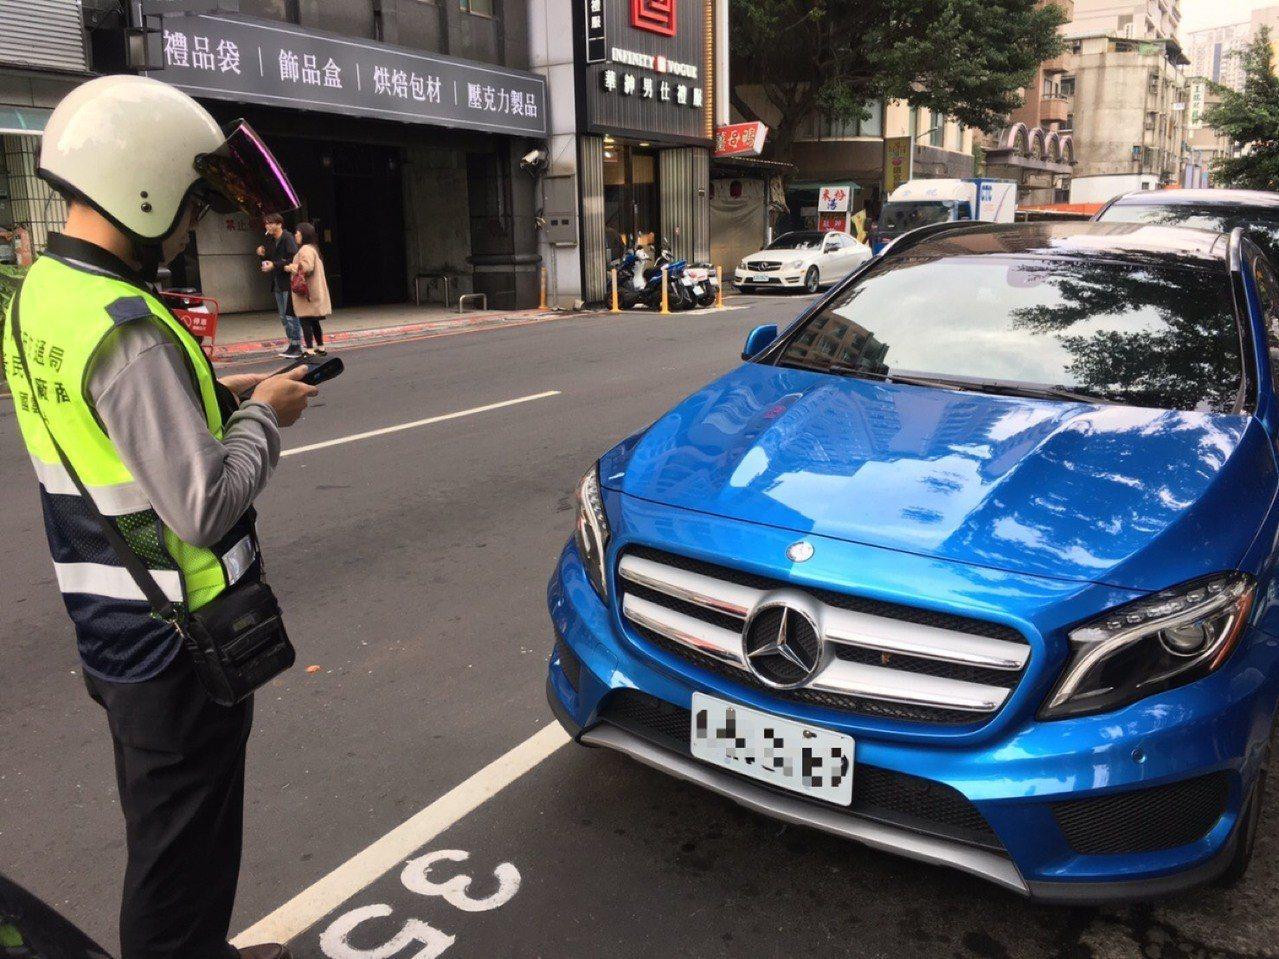 交通局提醒,勞動節當天新北市路邊停車平日收費路段照常收費。圖/新北市交通局提供